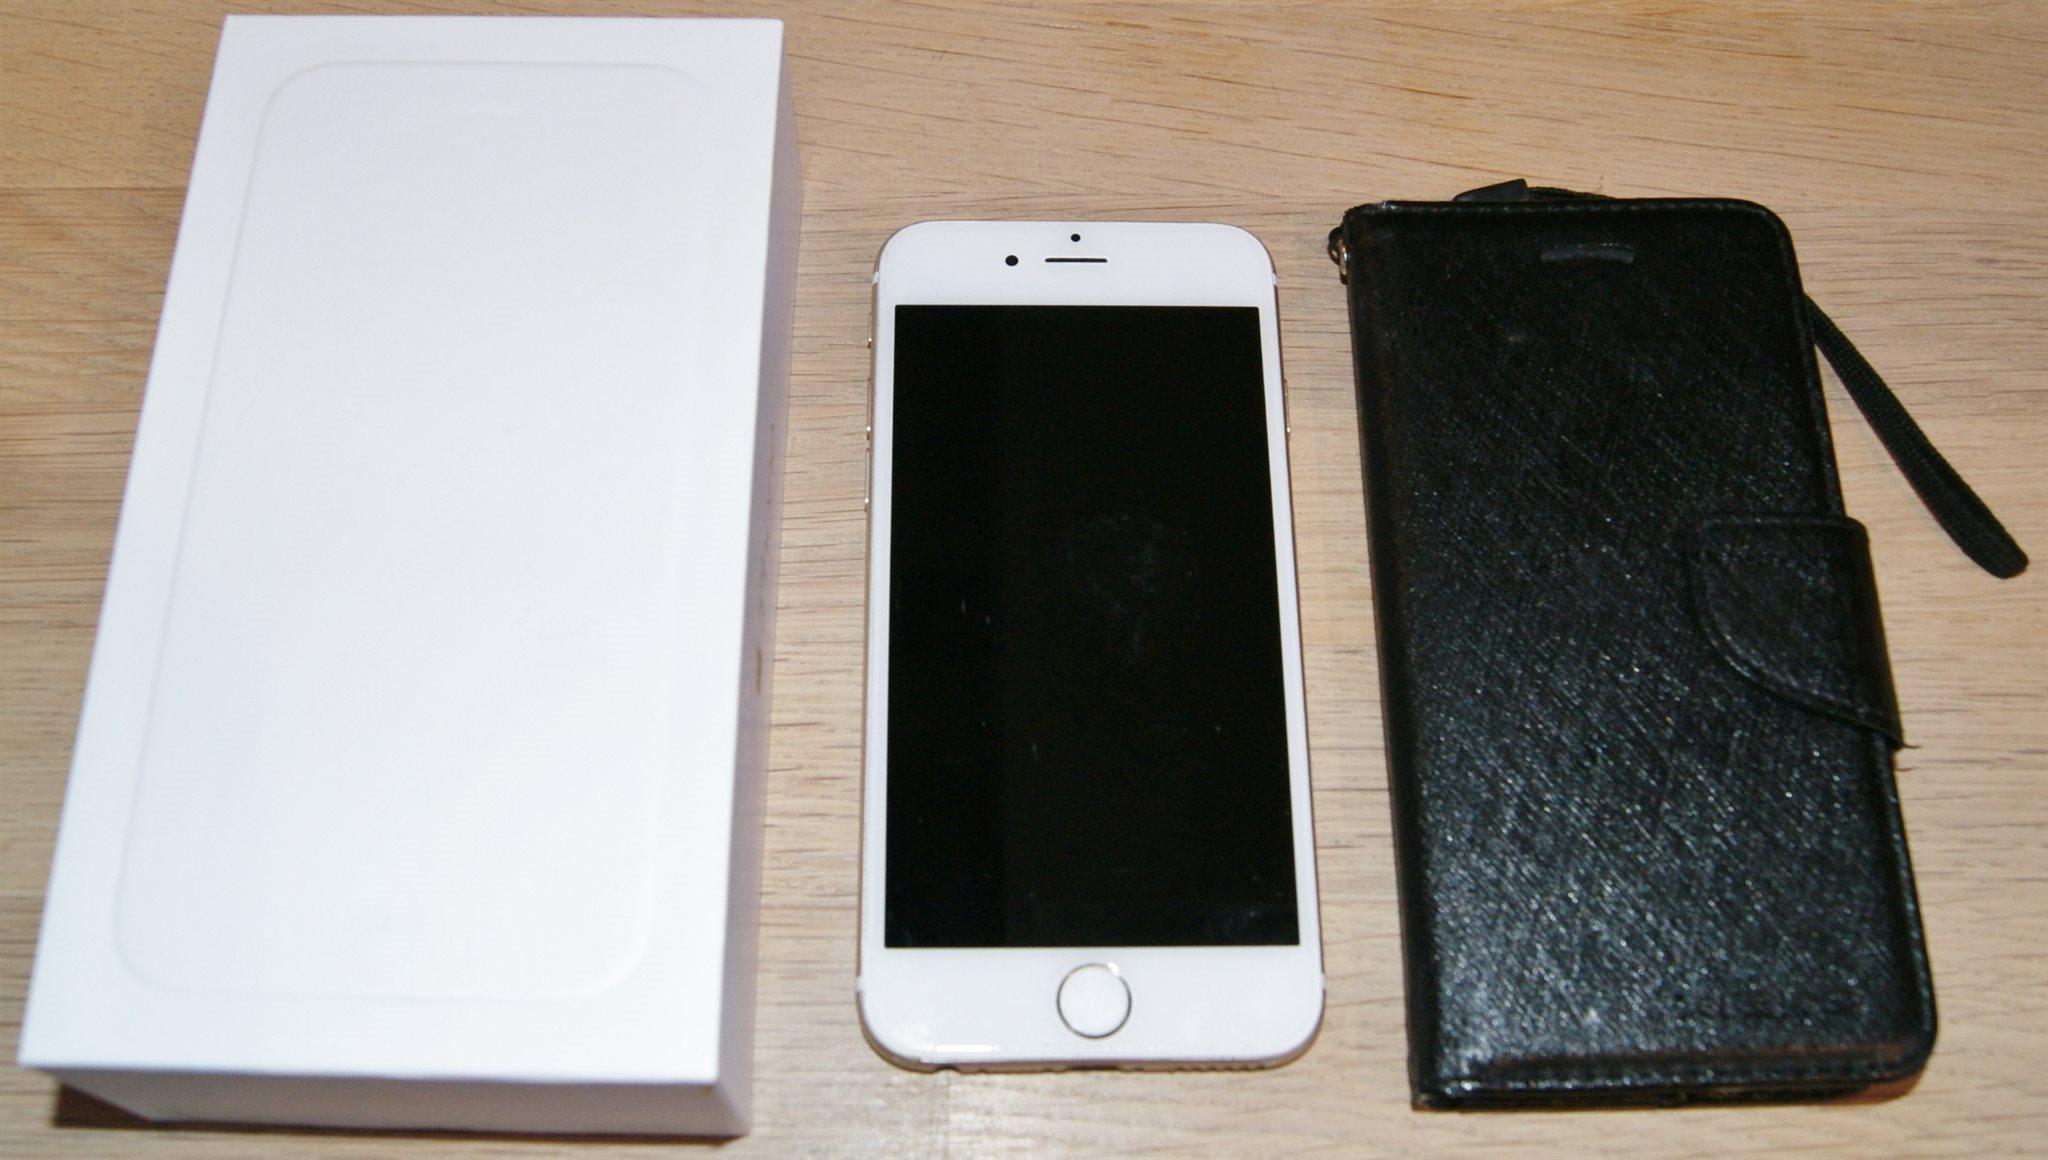 iPhone 6 Gold 16GB mobiltelefon olåst med skal  väska i MYCKET FINT SKICK! efa7c232317ed